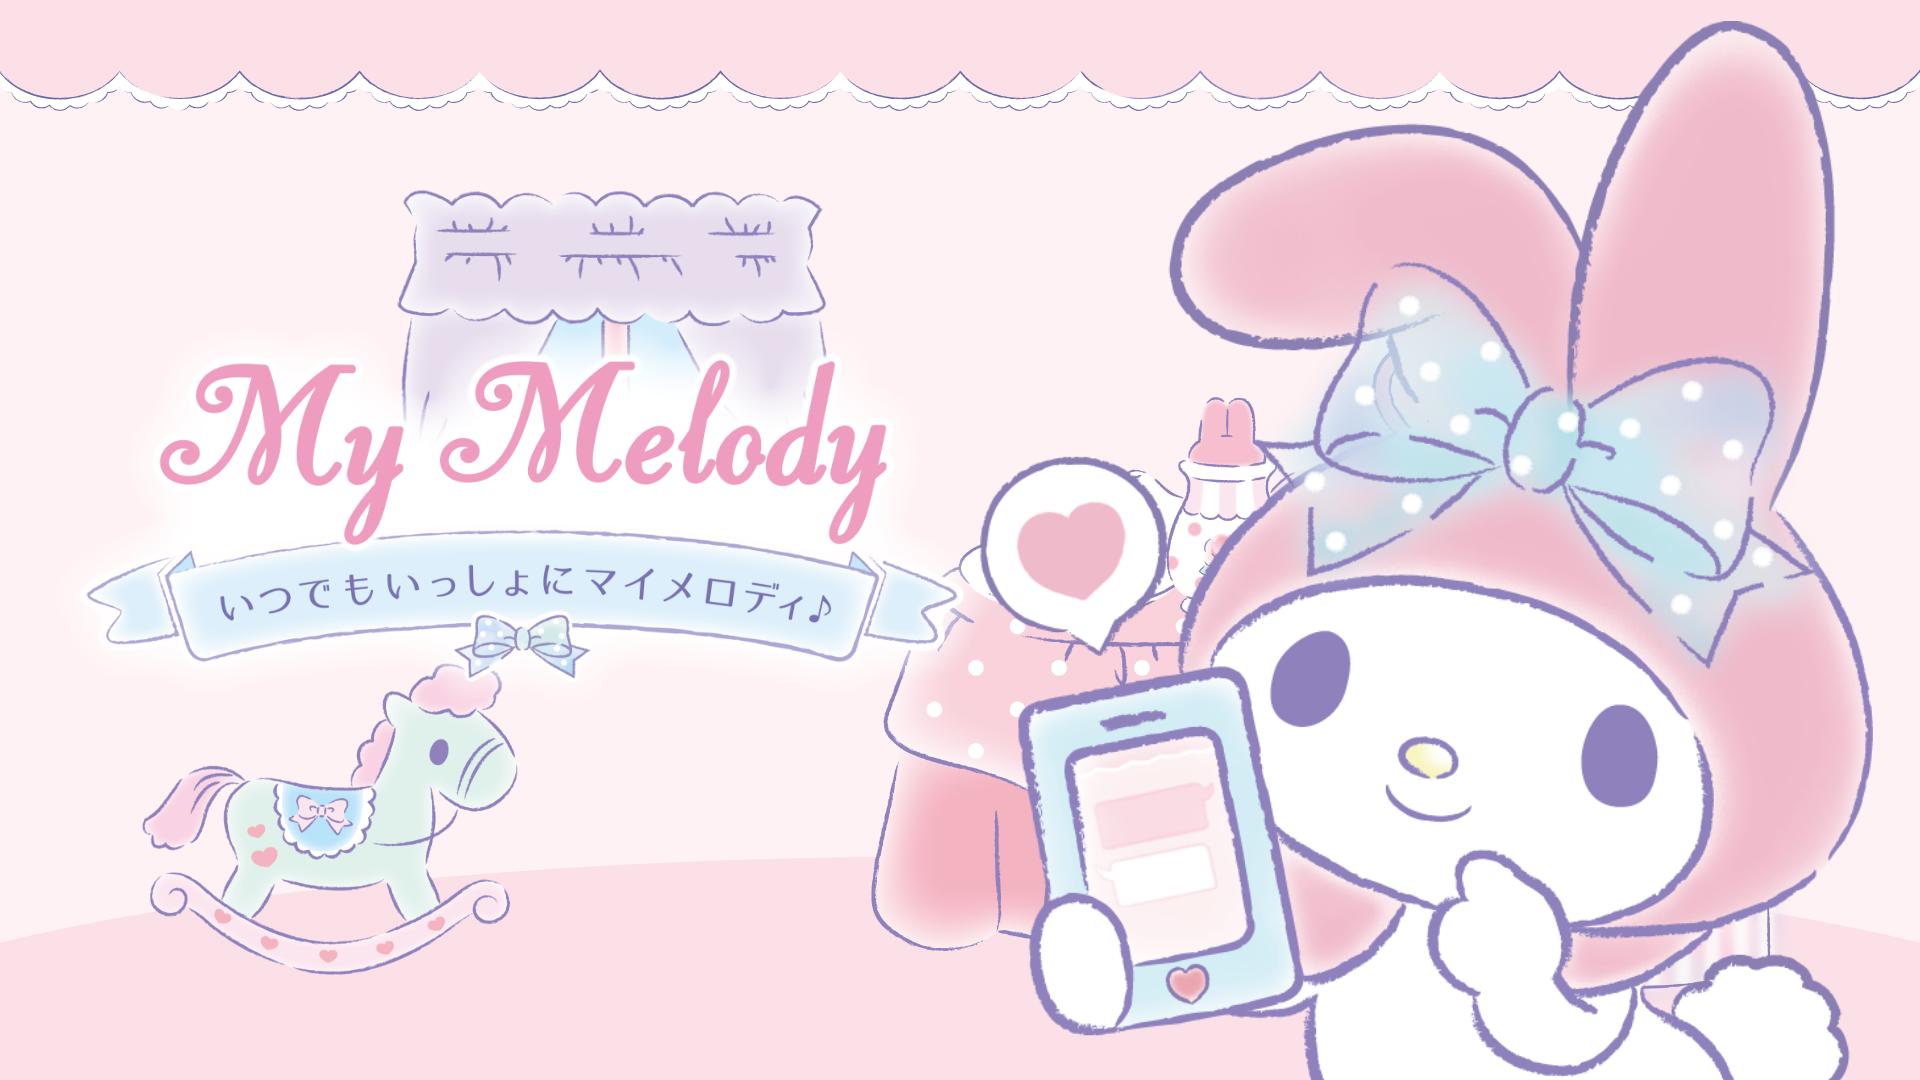 みんなに寄り添うヒーリングアプリ「いつでもいっしょにマイメロディ♪」をリリース!